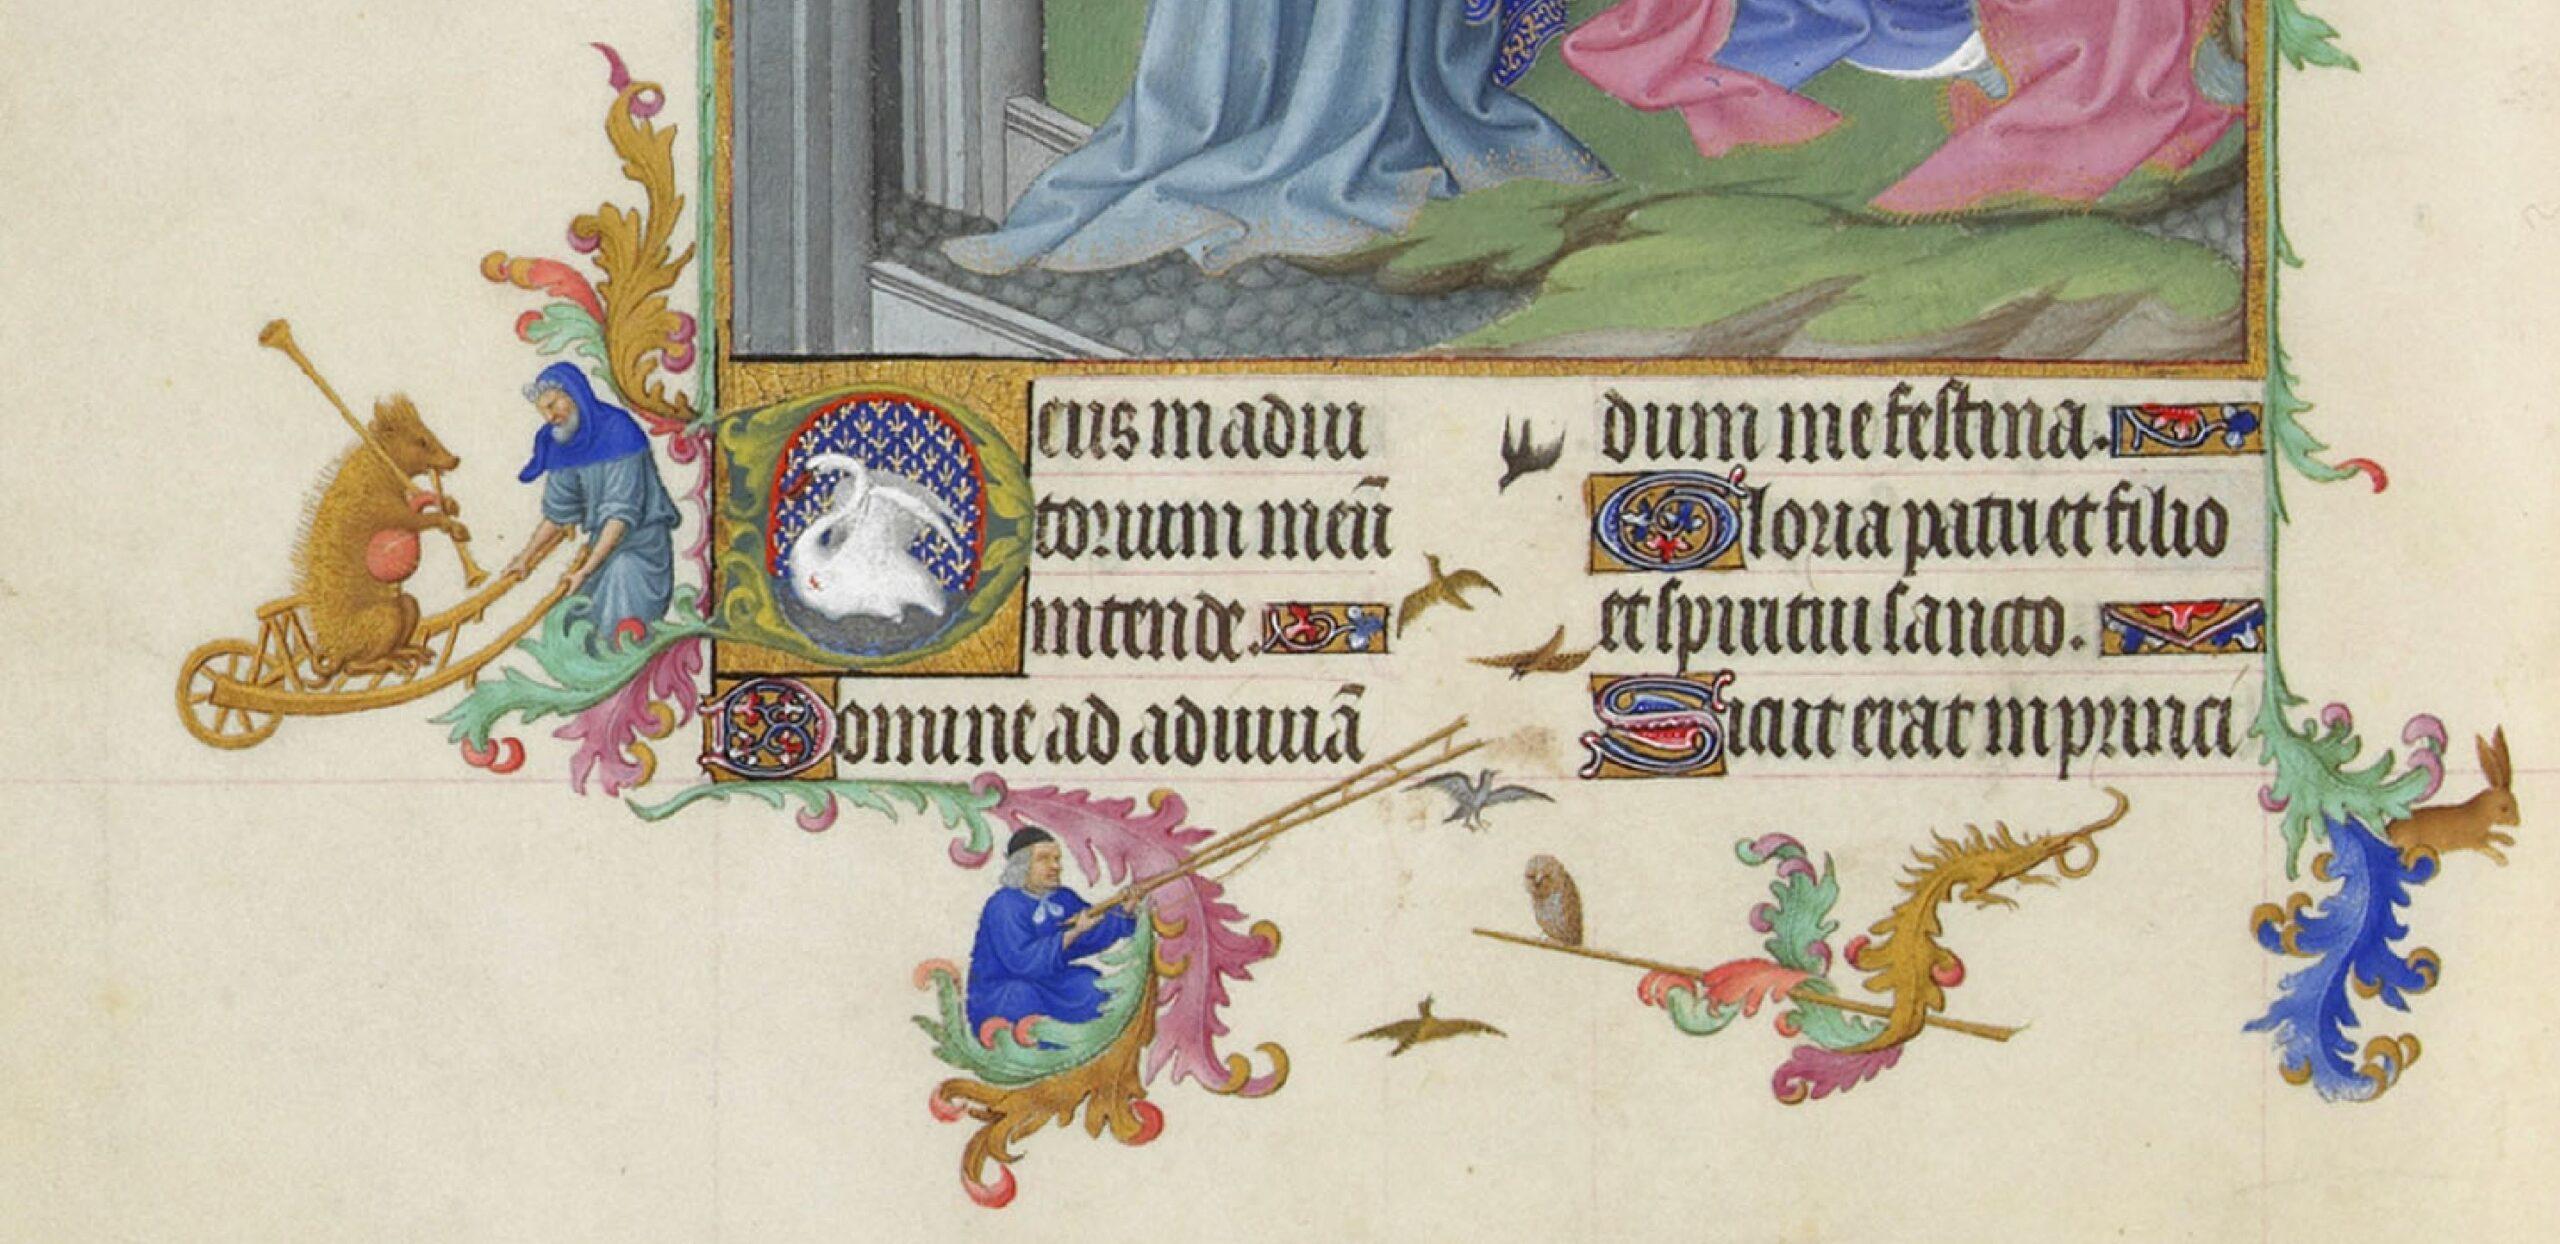 Les_Tres_Riches_Heures_du_duc_de_Berry Musee Conde Chantilly MS 65 fol 38v Limbourg 1411-16 bordure inferieure